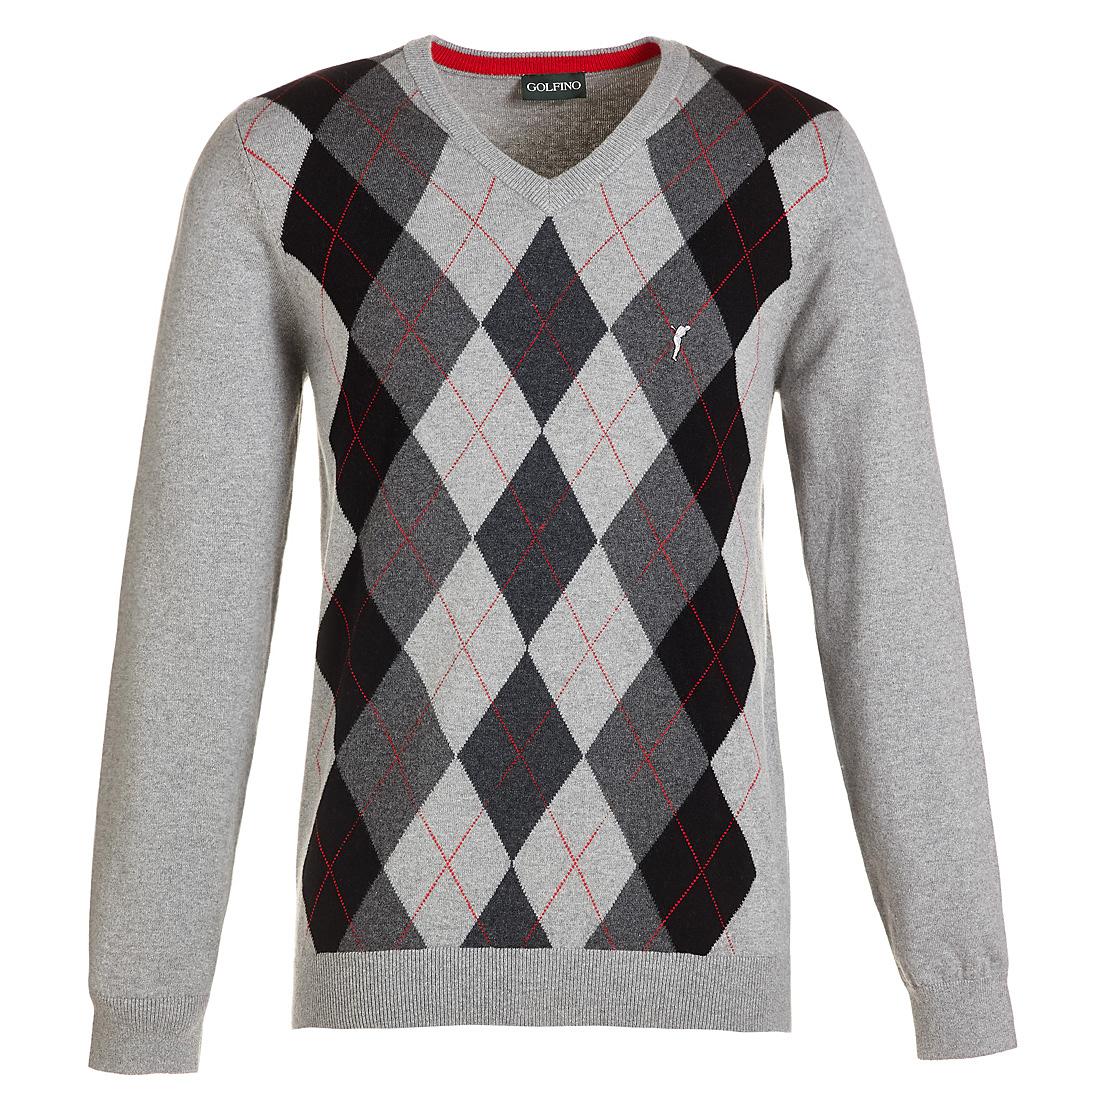 Golf Pullover mit V-Ausschnitt und Argyle-Muster